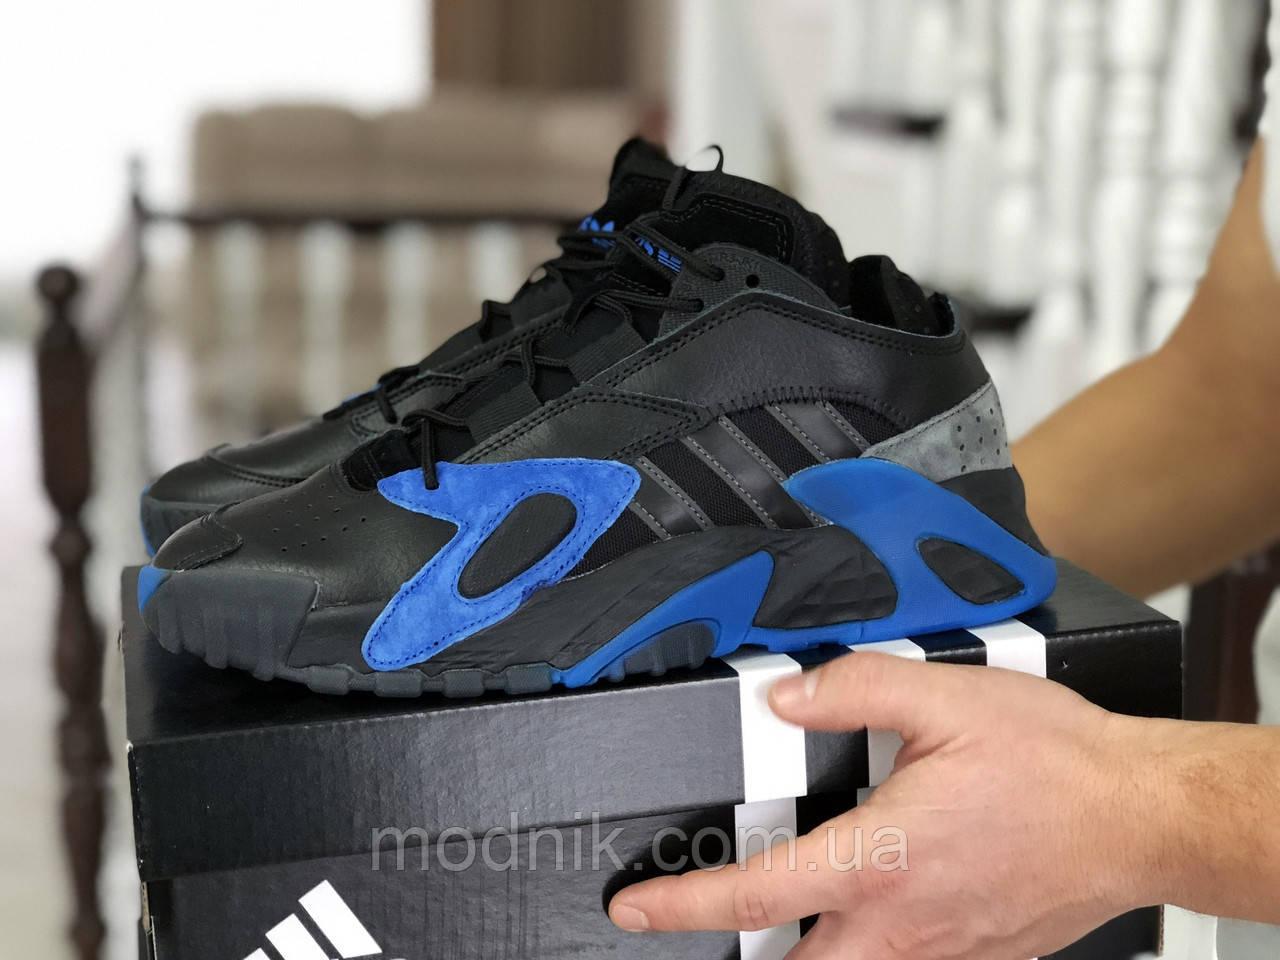 Мужские кроссовки Adidas Streetball (черно-синие)